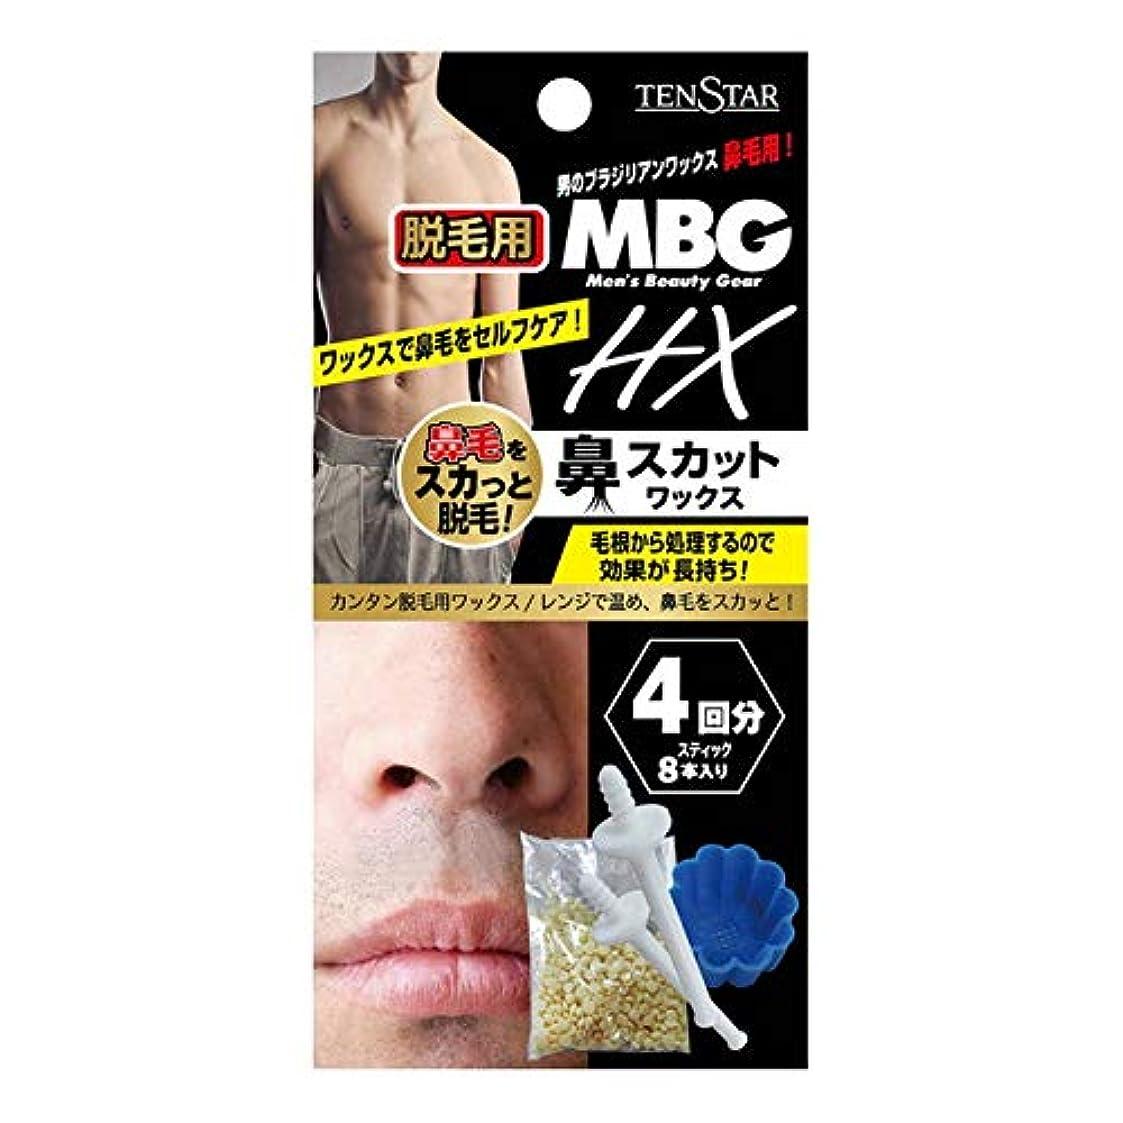 被るマチュピチュ呪いMBG2-29 MBG HX鼻スカットワックス 20g